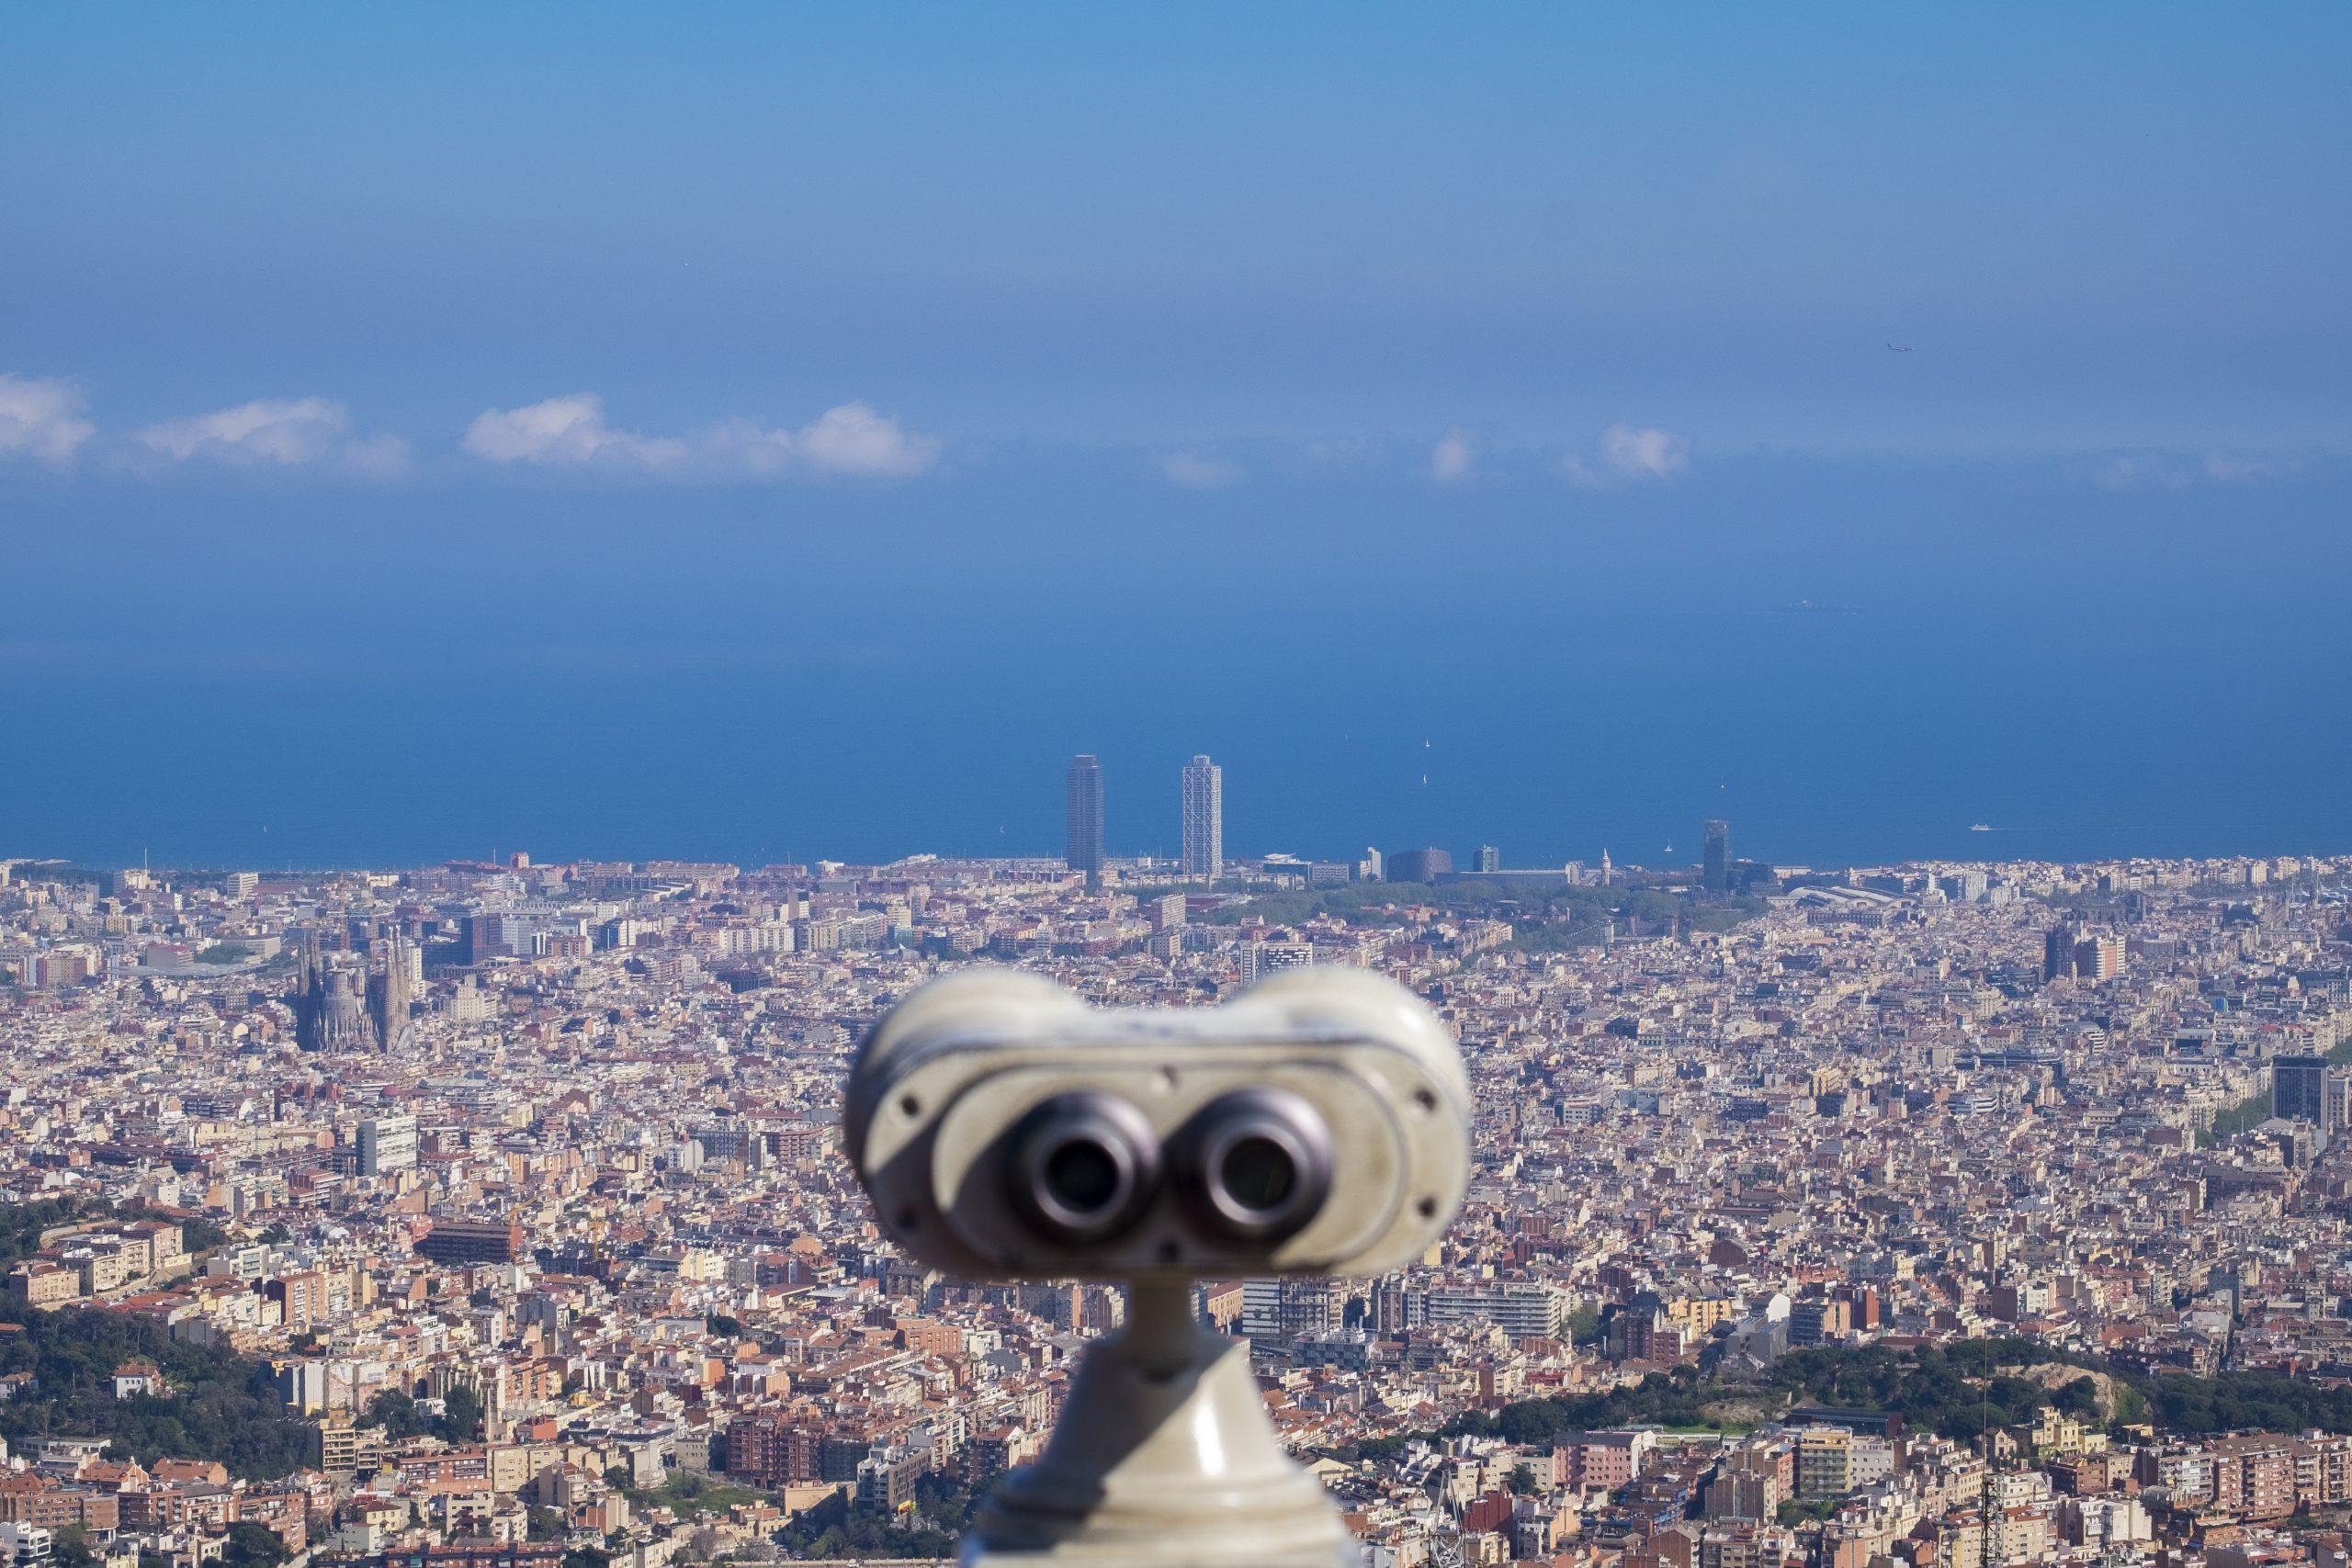 """Read more about the article Celebració al Col·legi d'Arquitectes de Catalunya de la 4rta sessió """"Ciutadania, dret i valor econòmic"""" del cicle de debats """"Superilles, cap a un nou model de ciutat"""""""